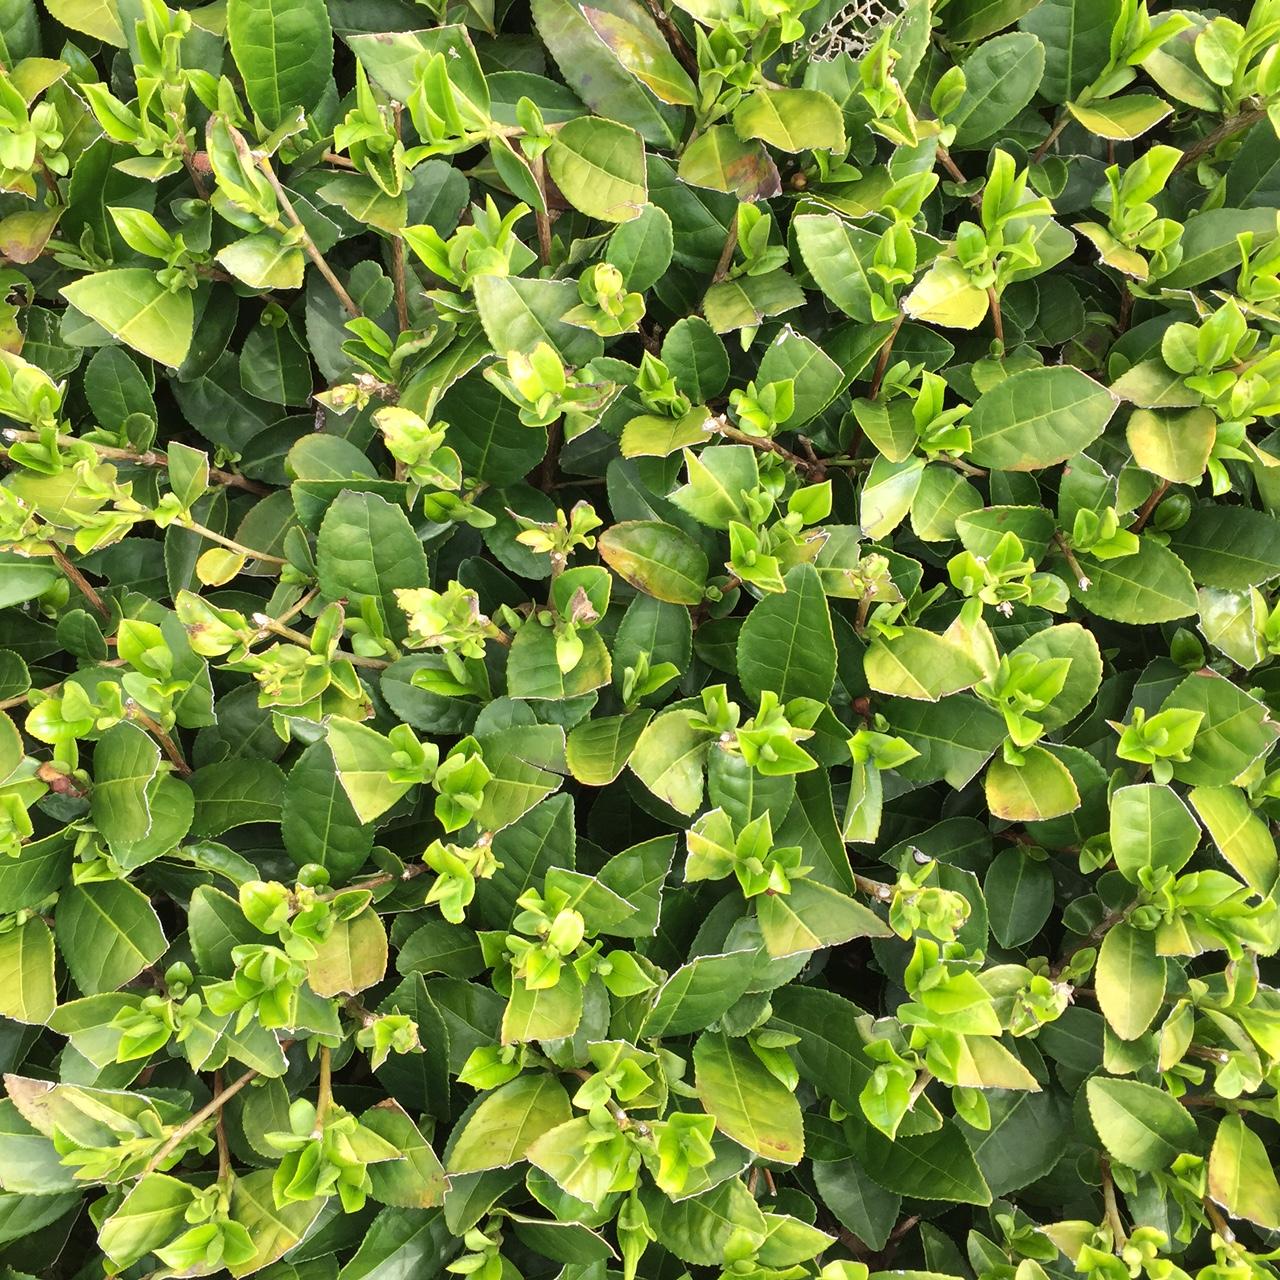 2017年4月9日かごしま緑茶の茶園風景です。品種はゆたかみどりです。きれいな新芽がでてきました。